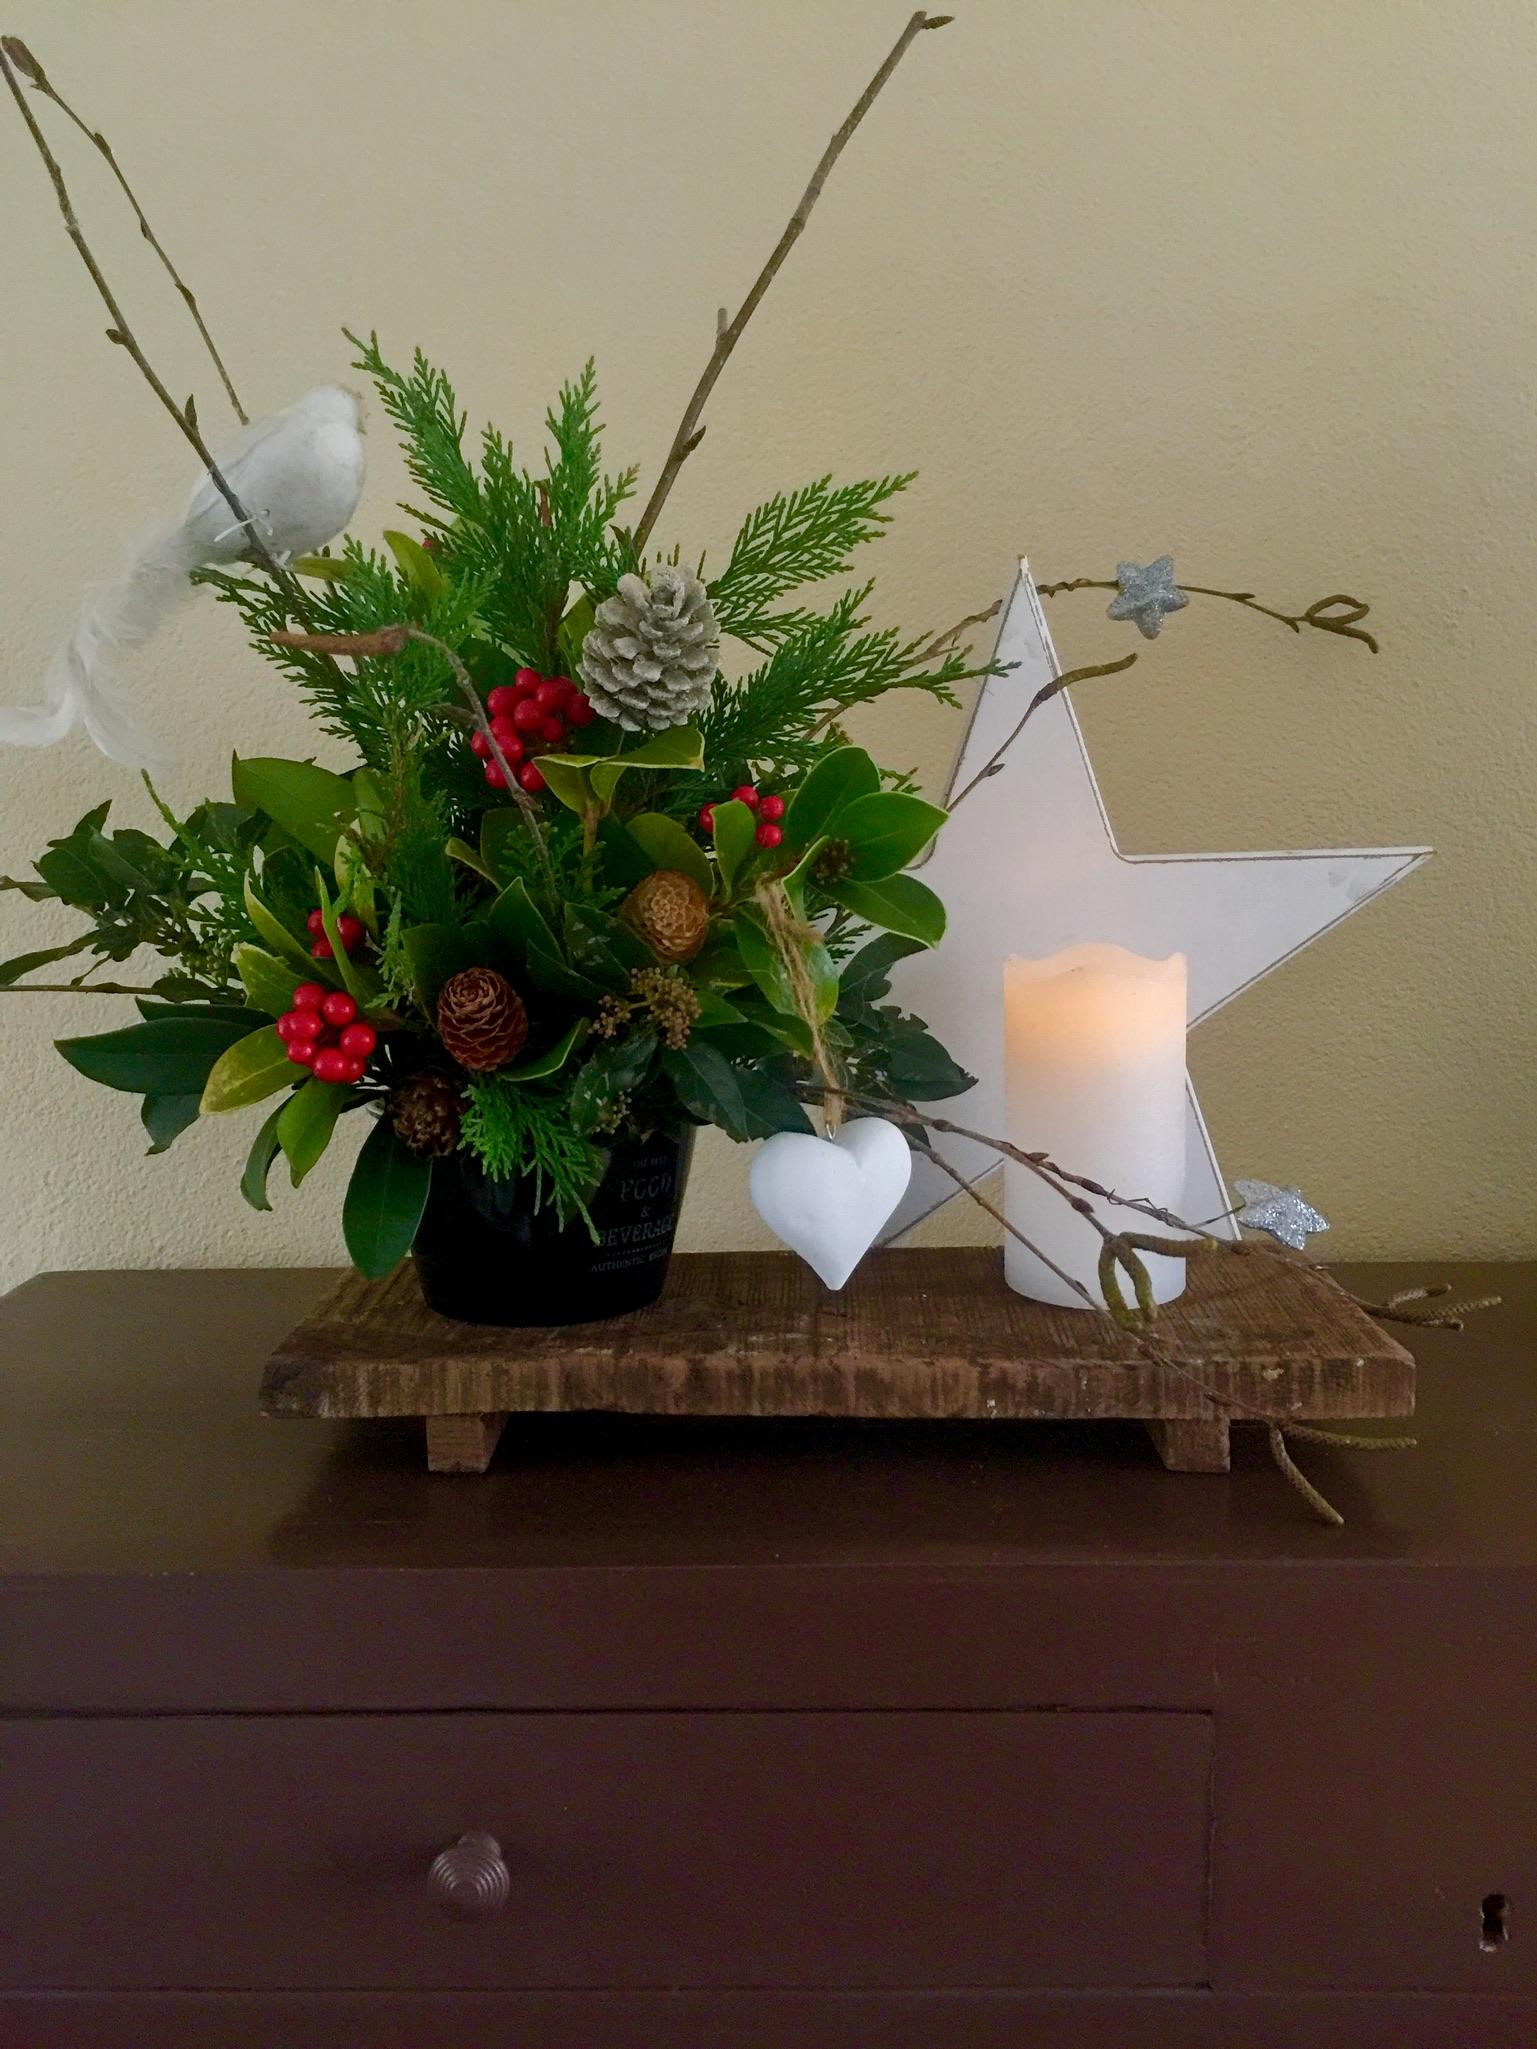 Kerstplank. (Foto: aangeleverd)